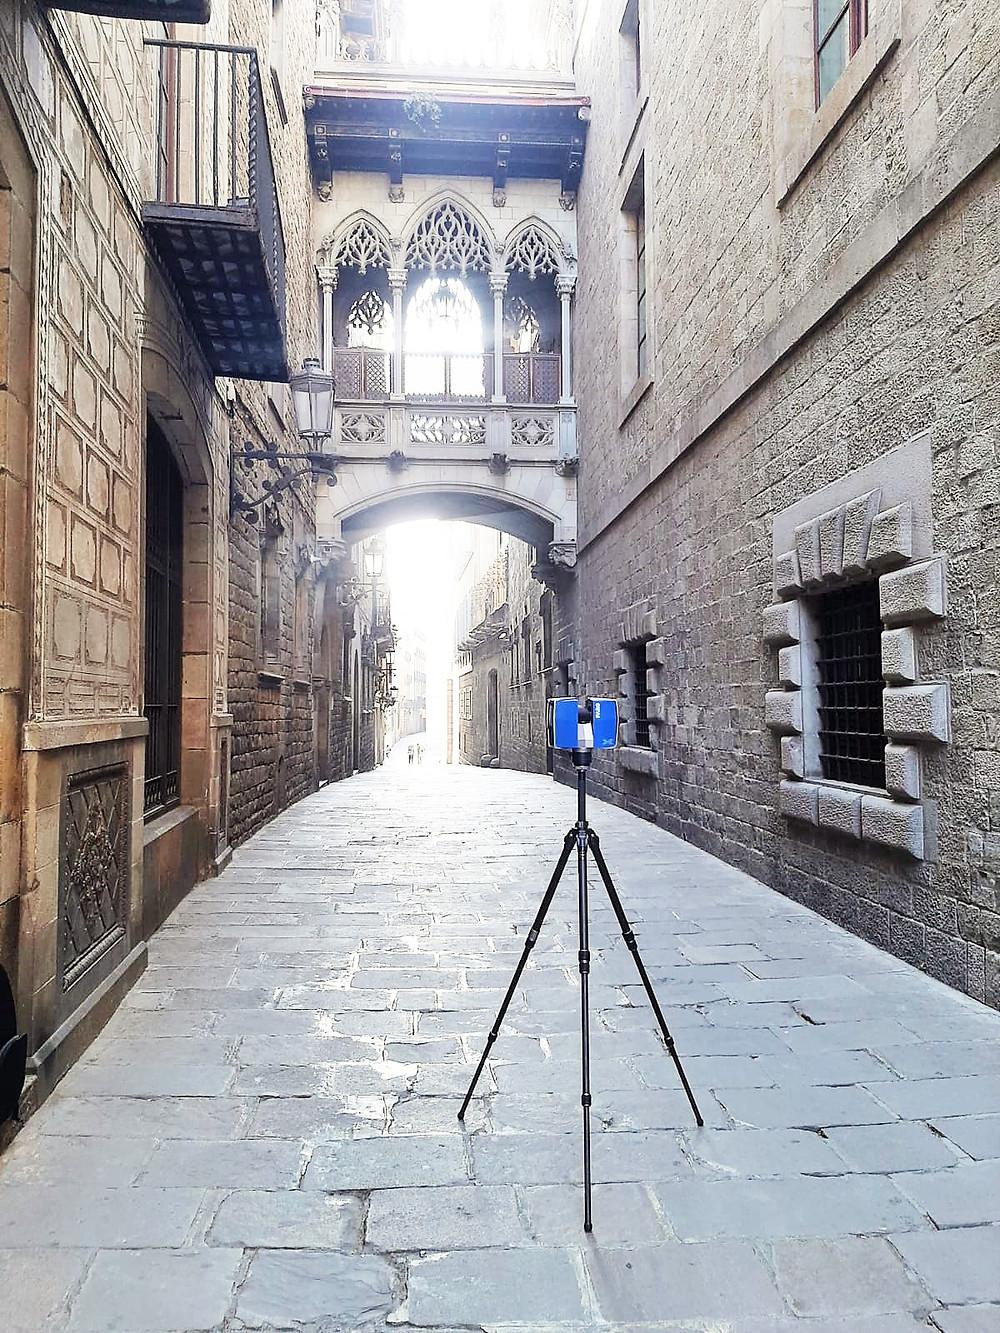 Escaneo laser 3D del Puente del Obispo - Barcelona - España - Patrimonio y Arquitectura